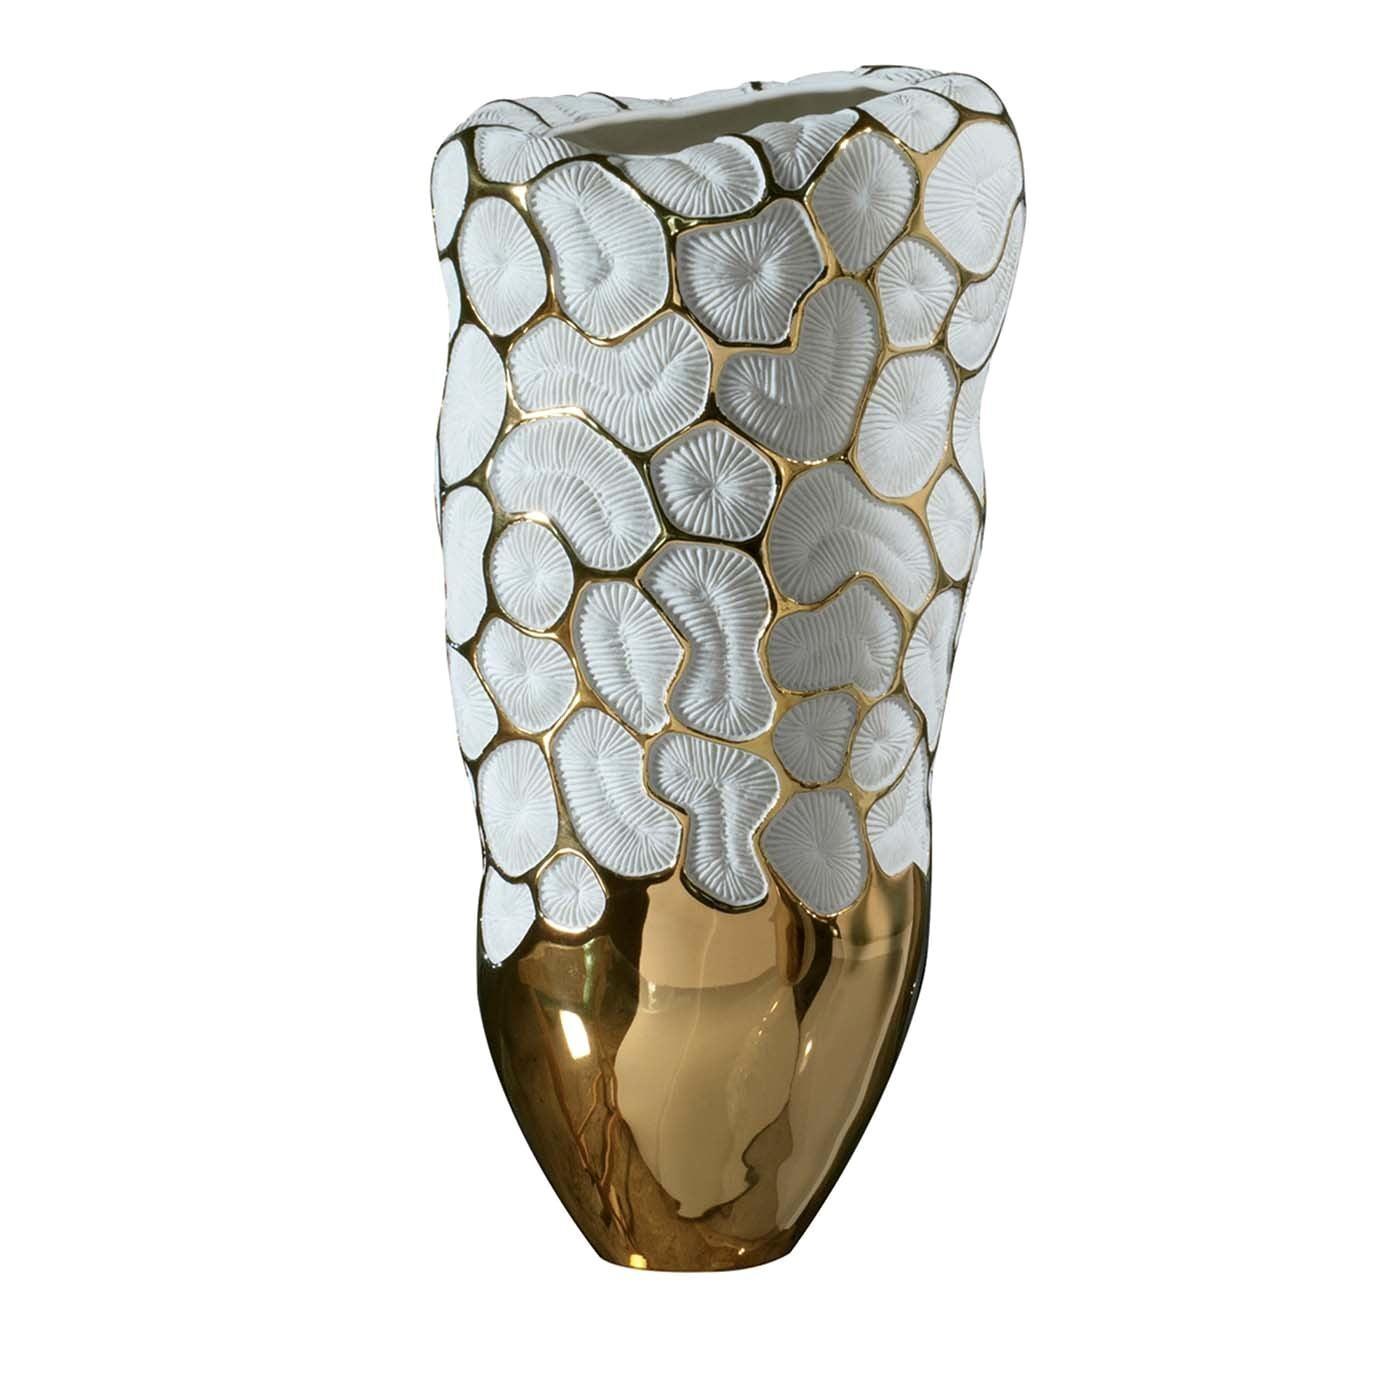 Fossilia King Vase by Fos Ceramiche